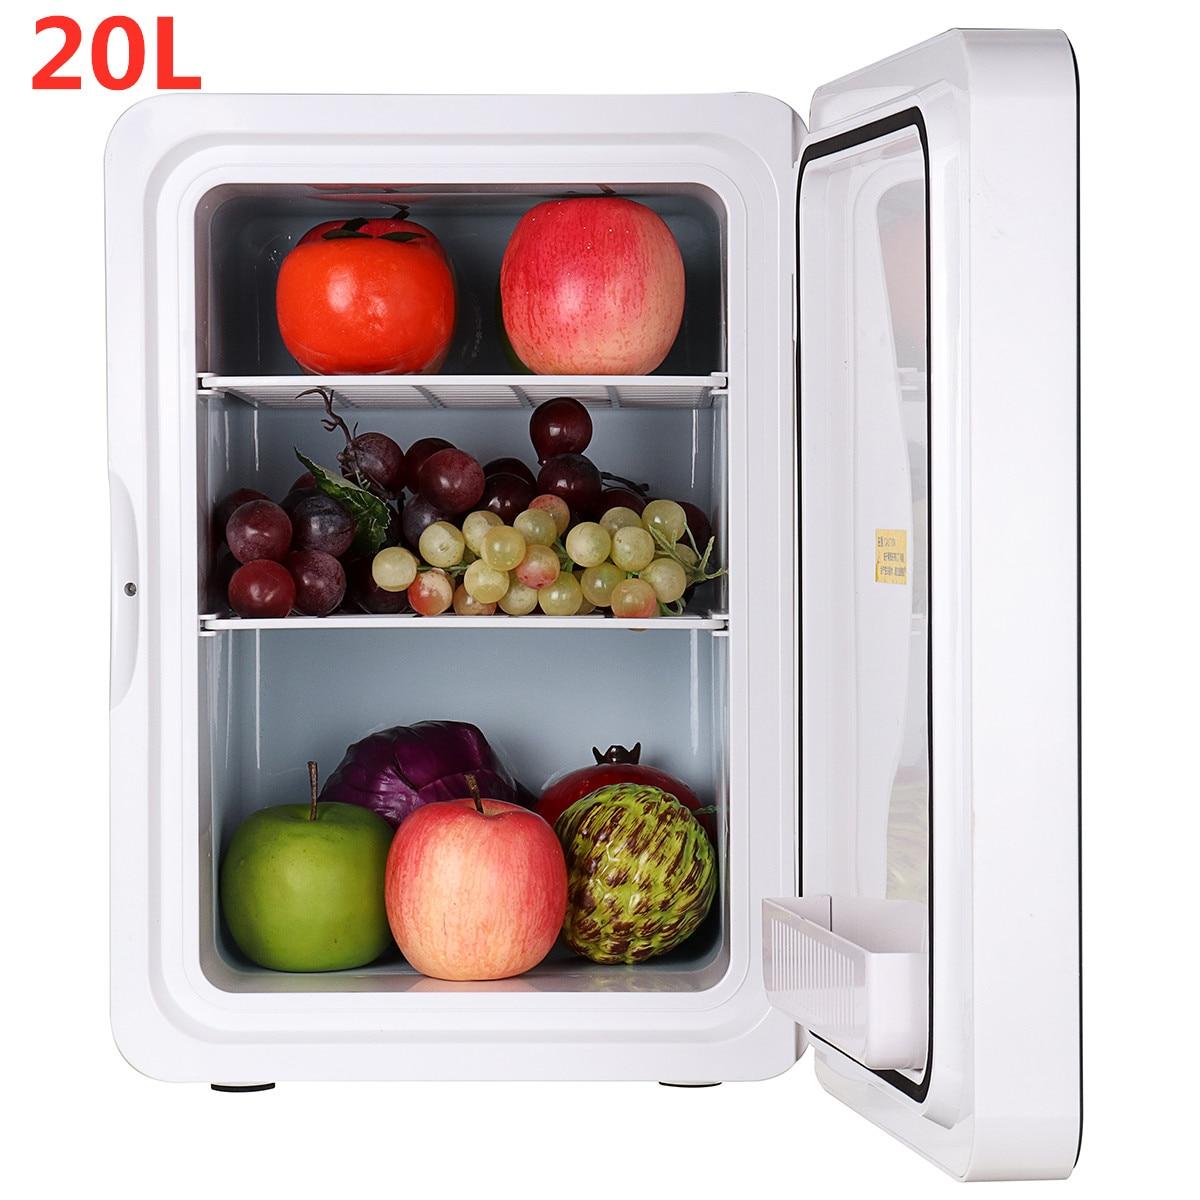 20L Refrigerator Freezer DC12V-AC220V Refrigeration 3-65 Degree Compressor Single Core Cooler Cooler Heating For Home Office Use